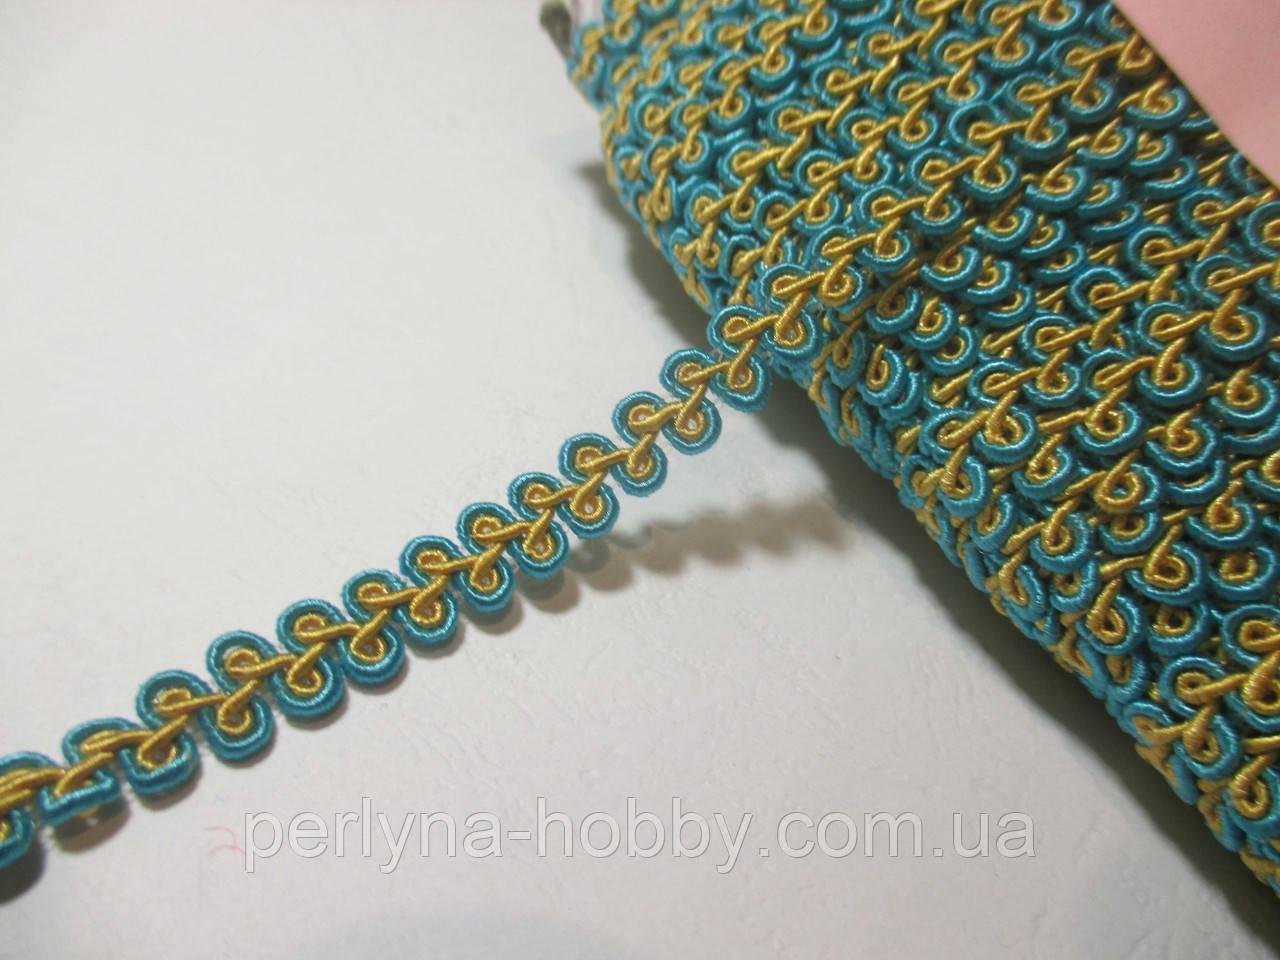 Тесьма декоративная Тасьма  декоративна шанель вузька 6мм, бірюза з жовтим